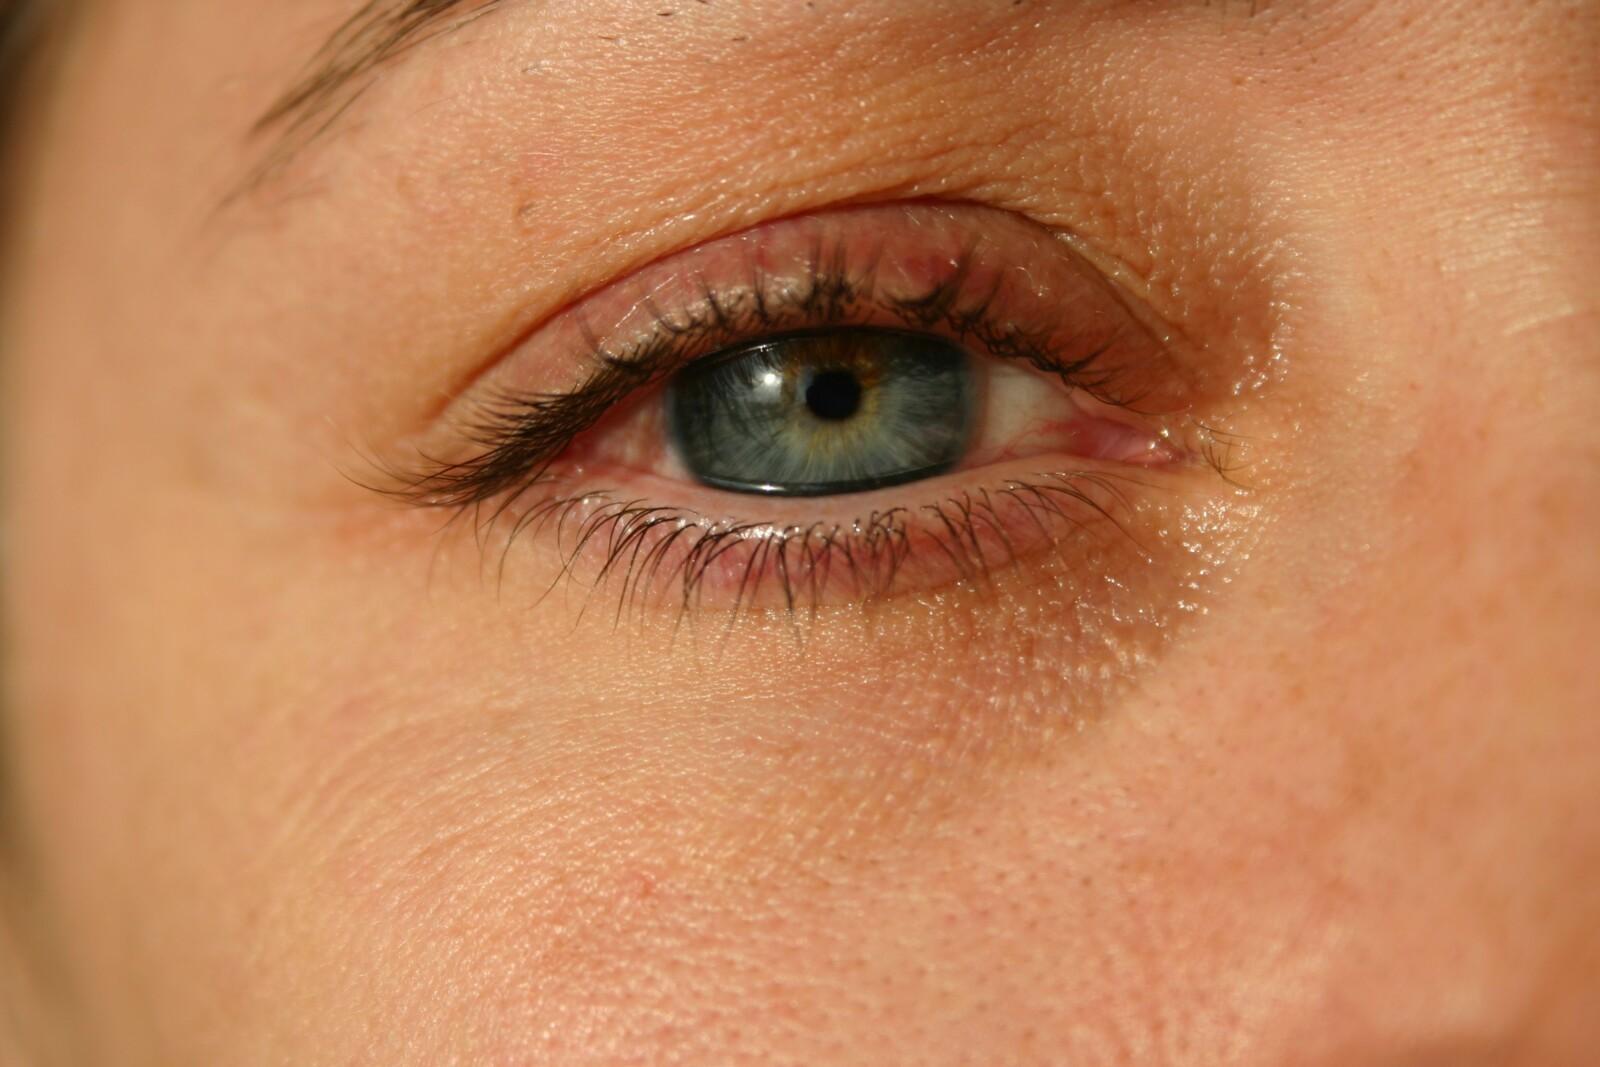 tratamiento de edema periorbitario alérgico